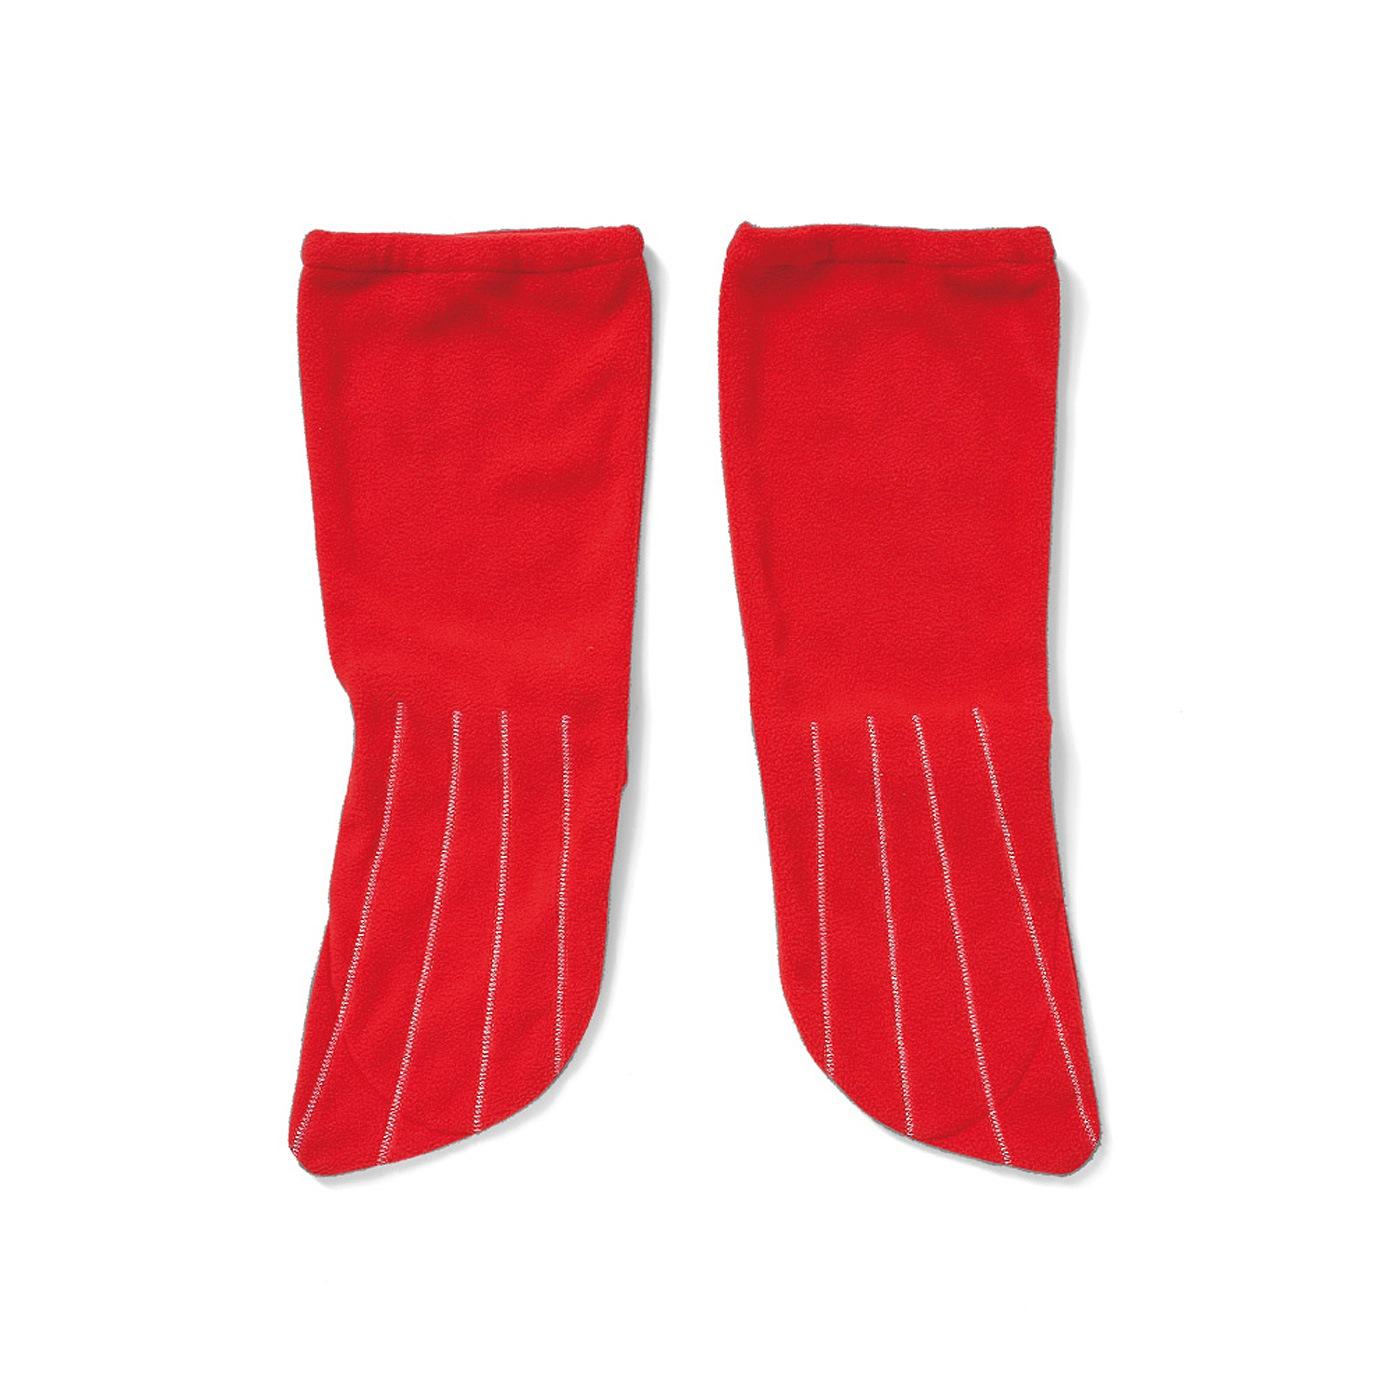 赤いシッポは、フリース素材のルームソックス。ソックス底面には足先を出せる切り込みつき。